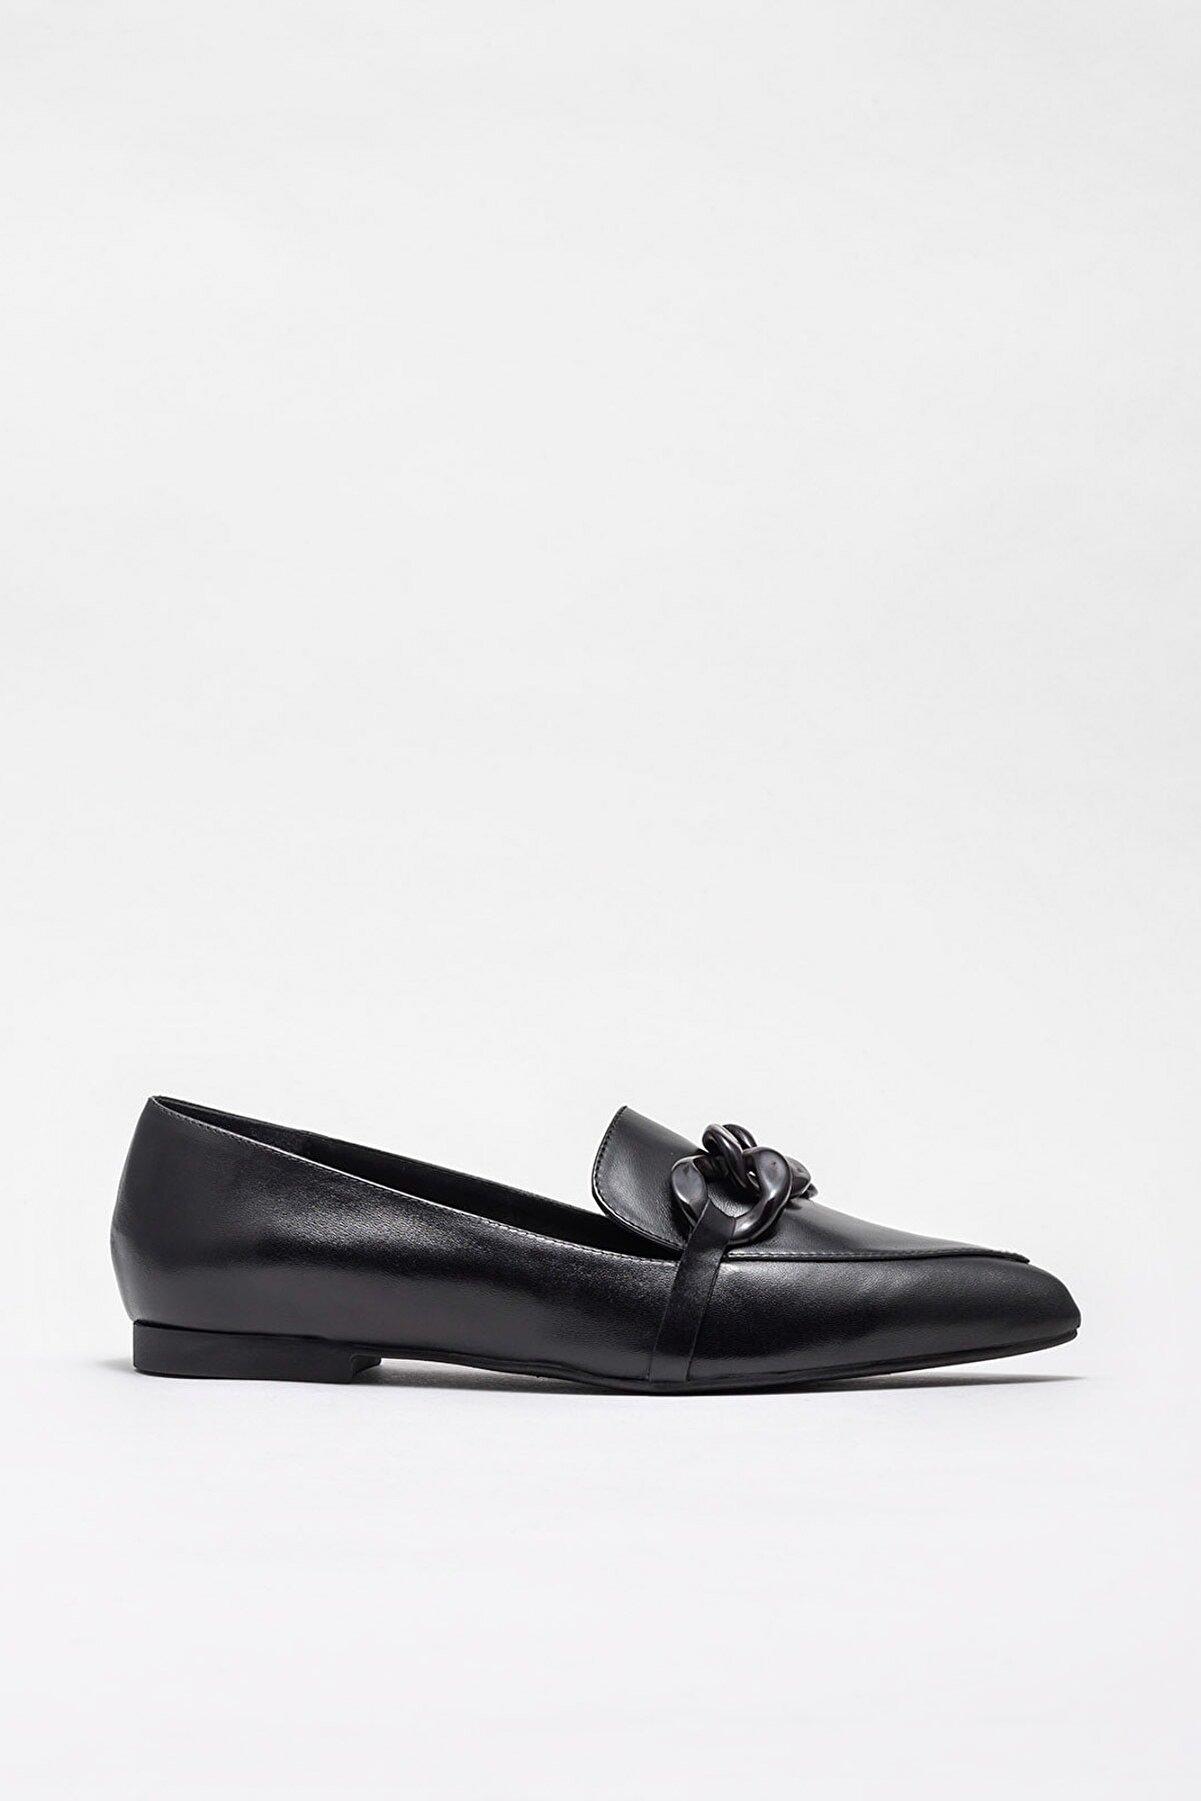 Elle Kadın Casual Ayakkabı Chalsea 20KDS50237